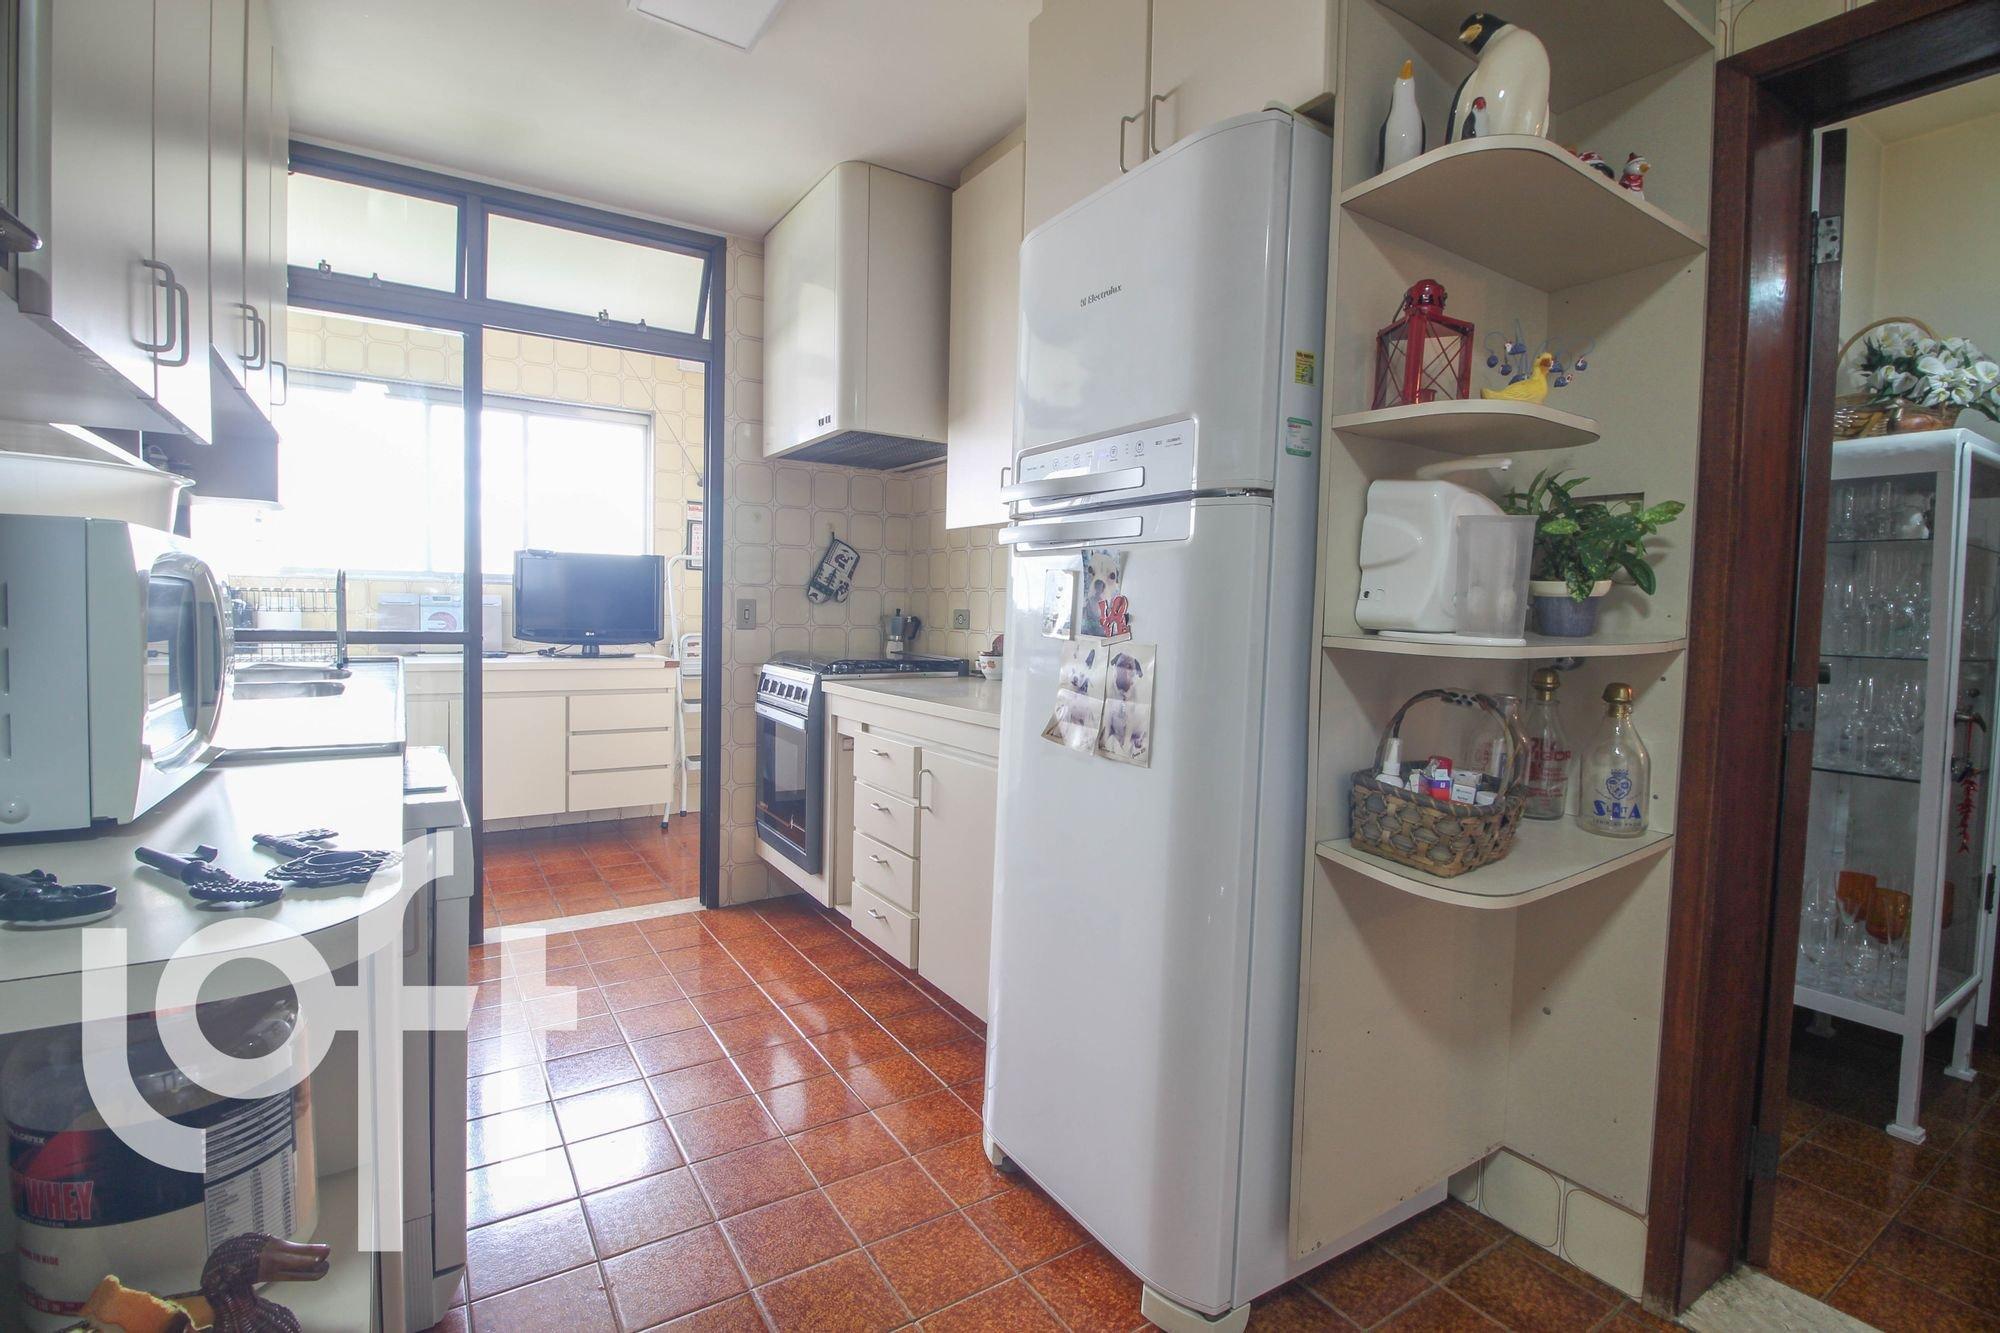 Foto de Cozinha com vaso de planta, copo de vinho, garrafa, geladeira, microondas